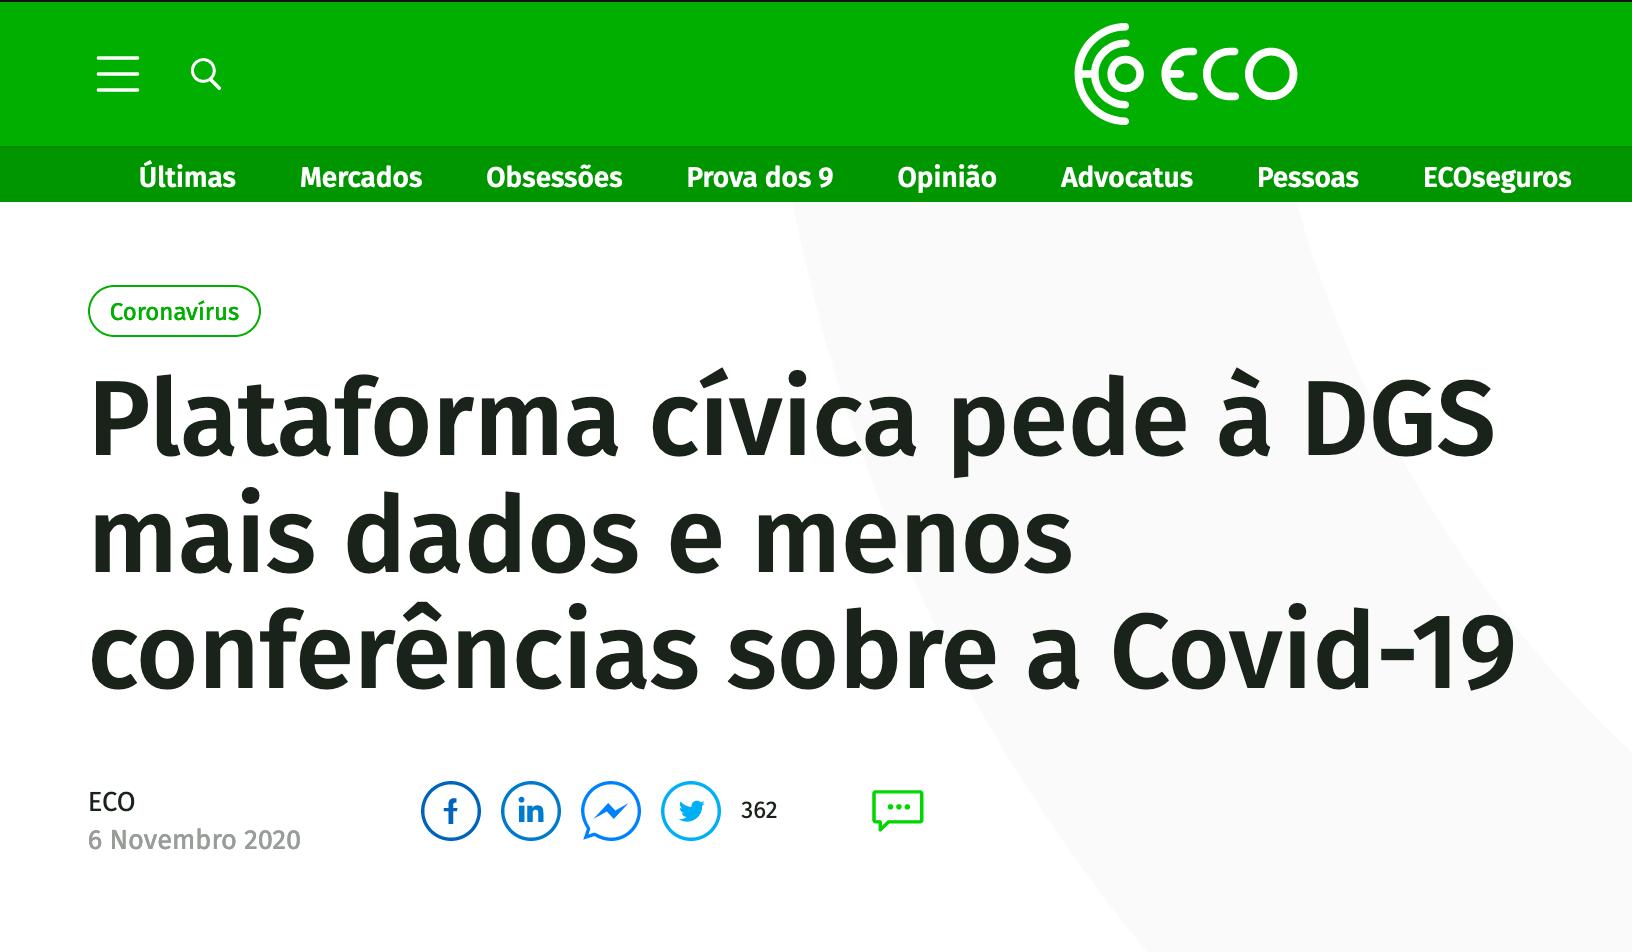 Plataforma cívica pede à DGS mais dados e menos conferências sobre a Covid-19